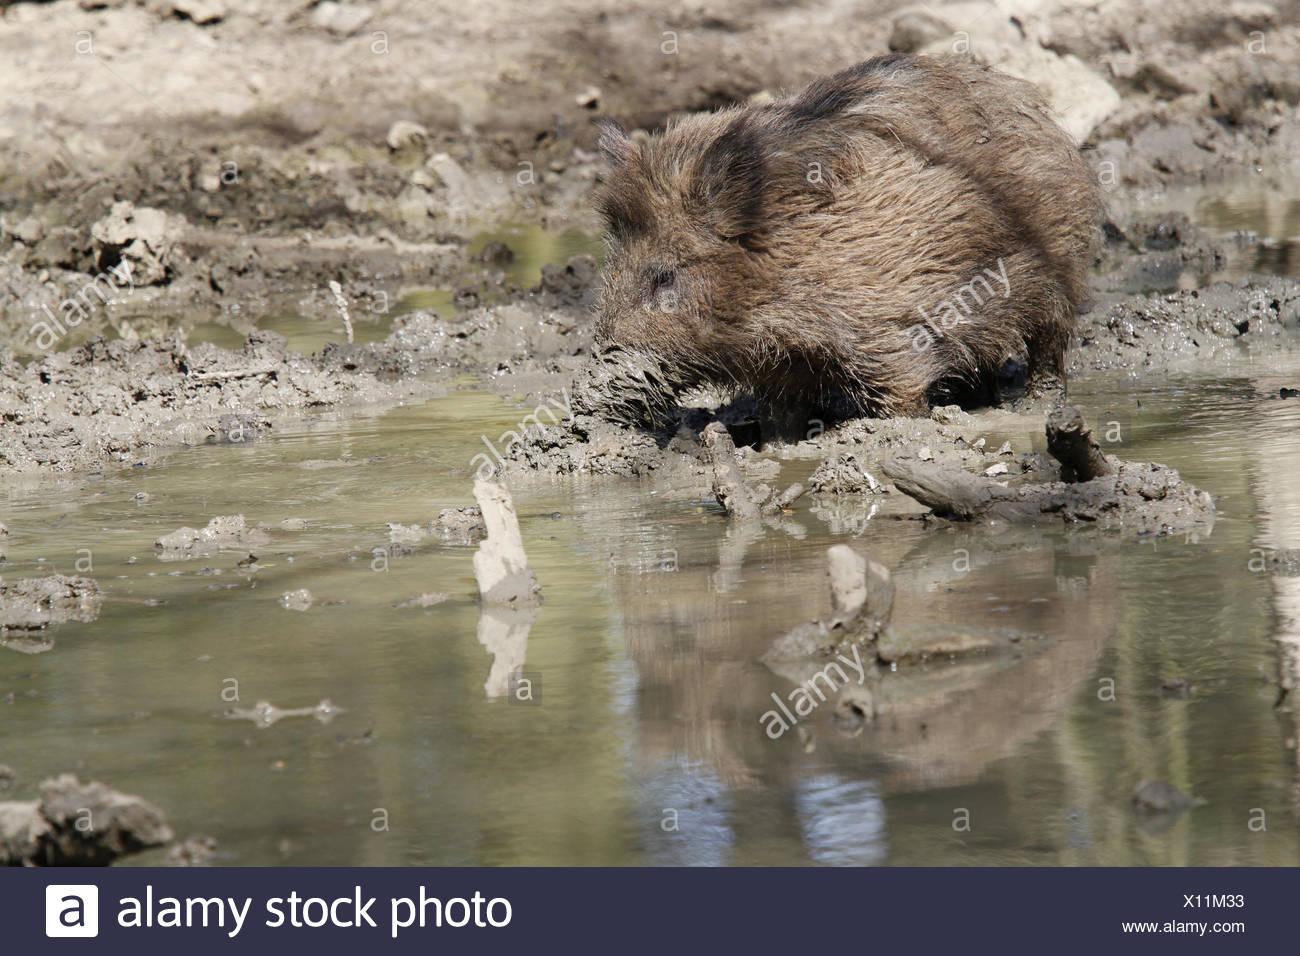 boar - Stock Image